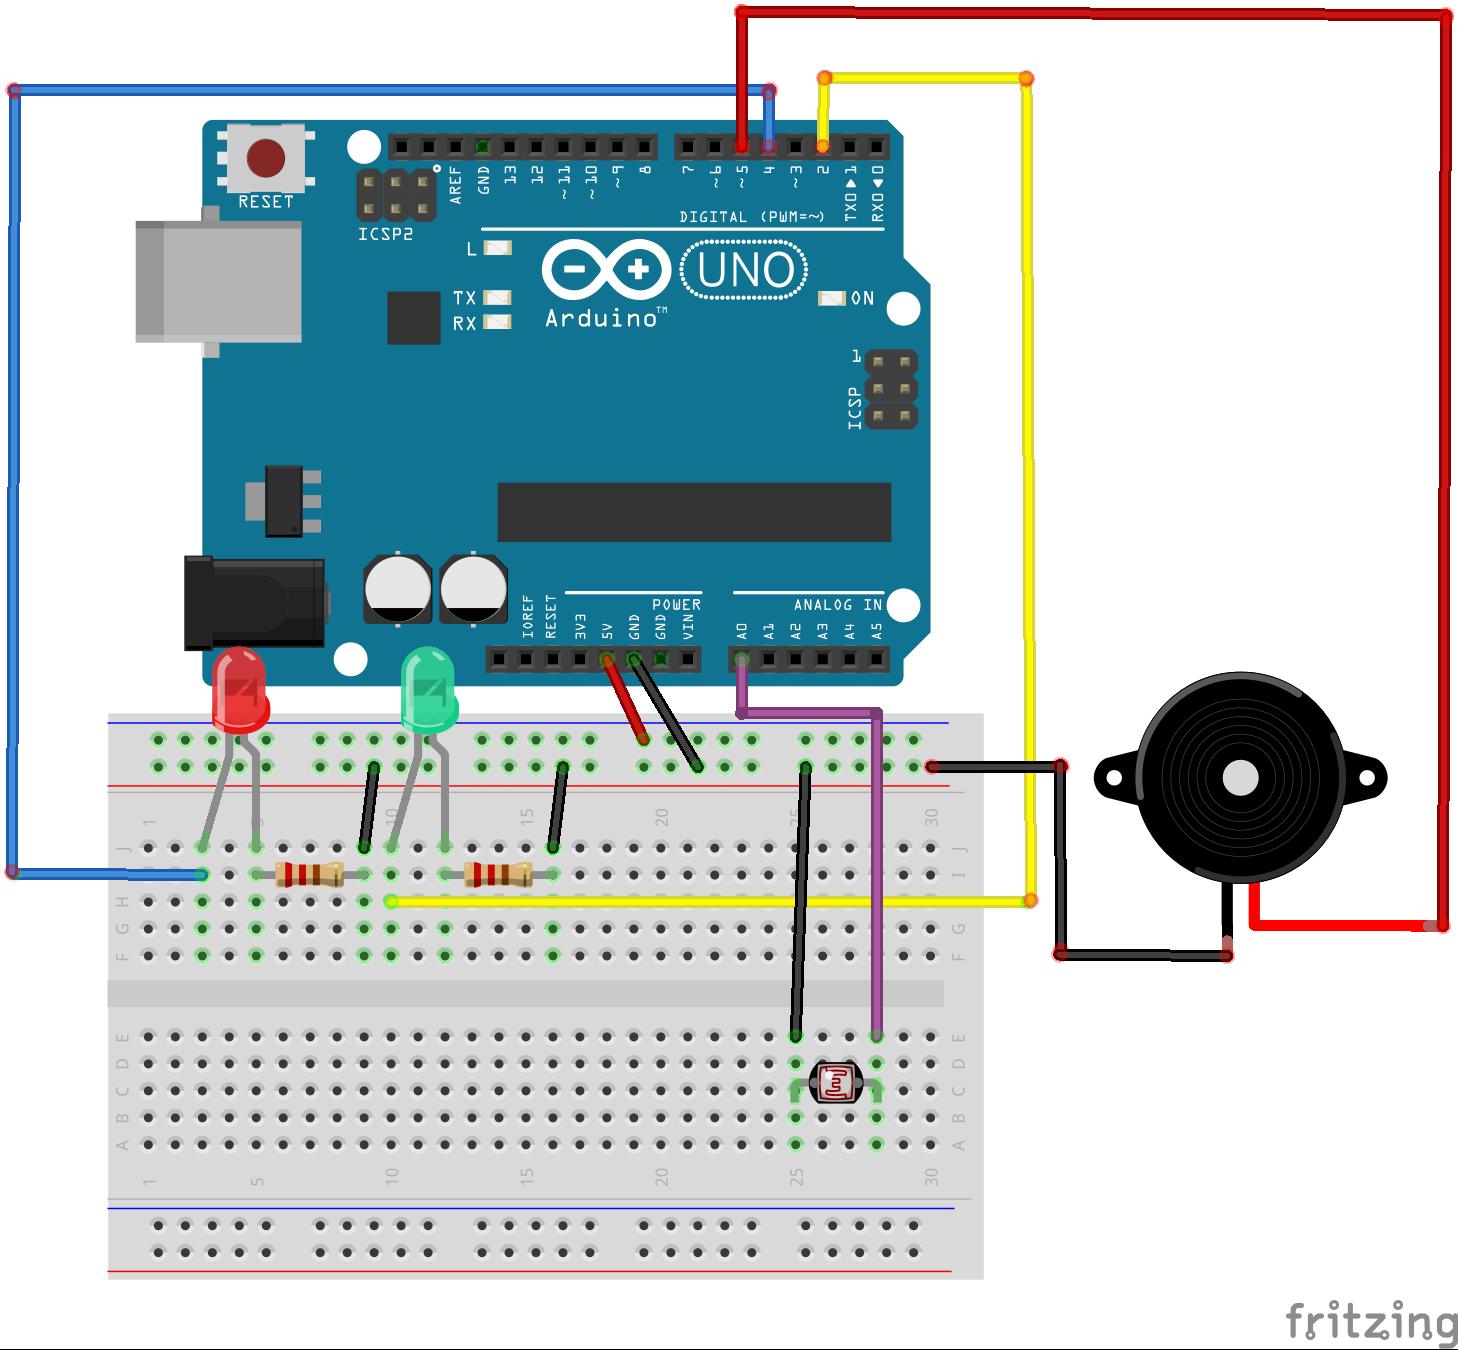 Super Simple Fun Laser Tripwire - Hackster.io